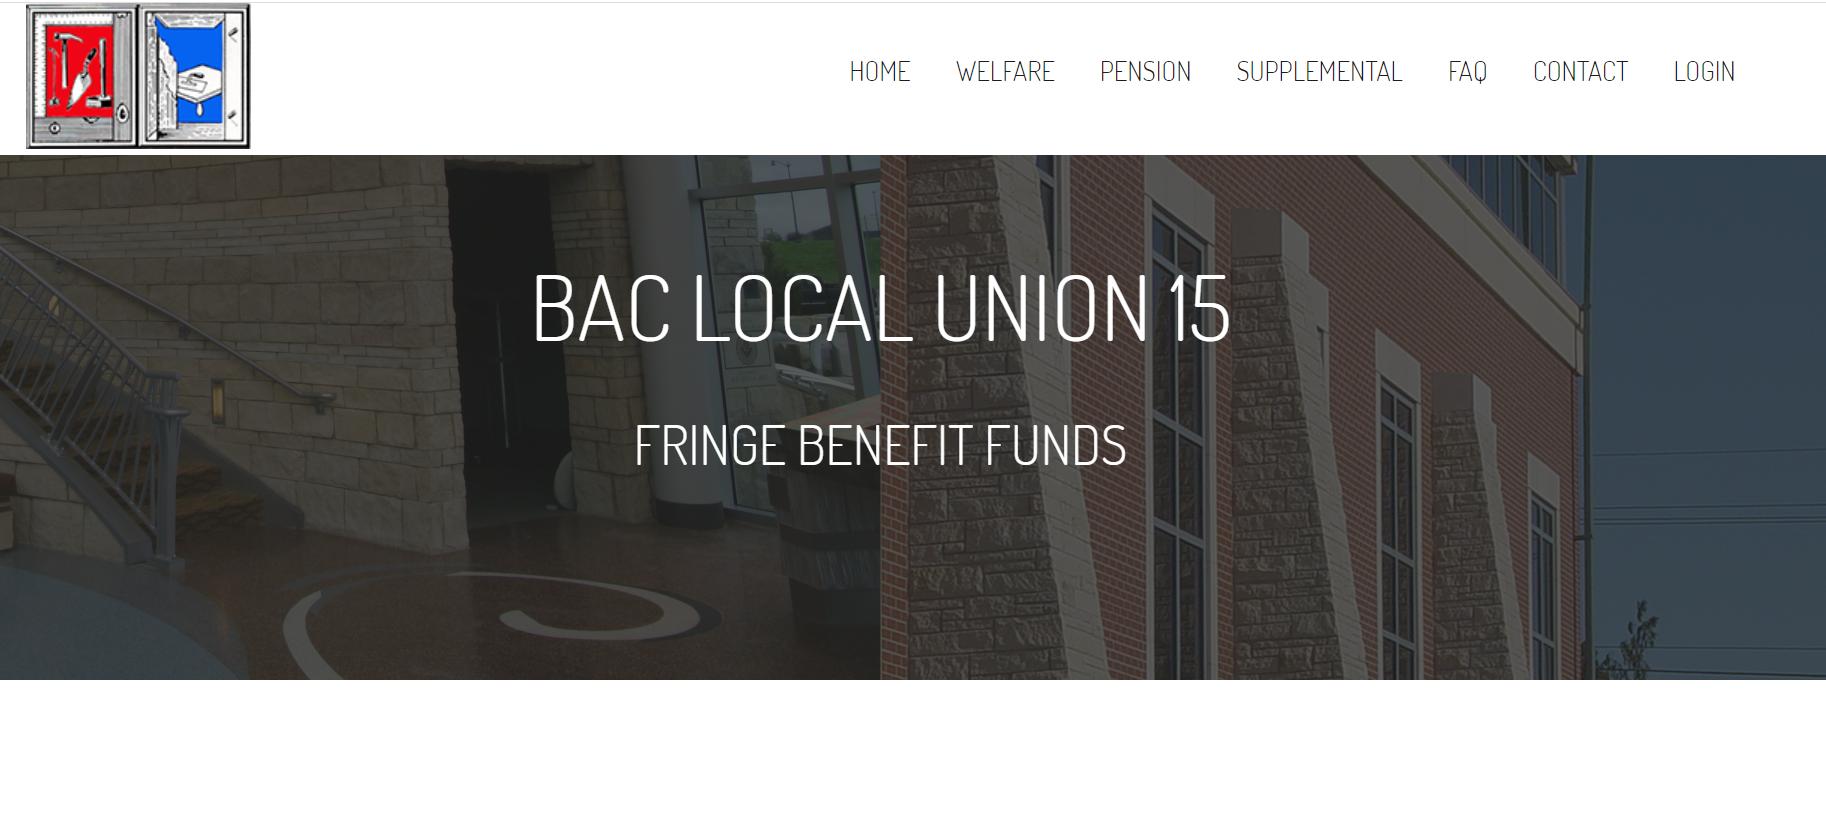 bac15benefits.org